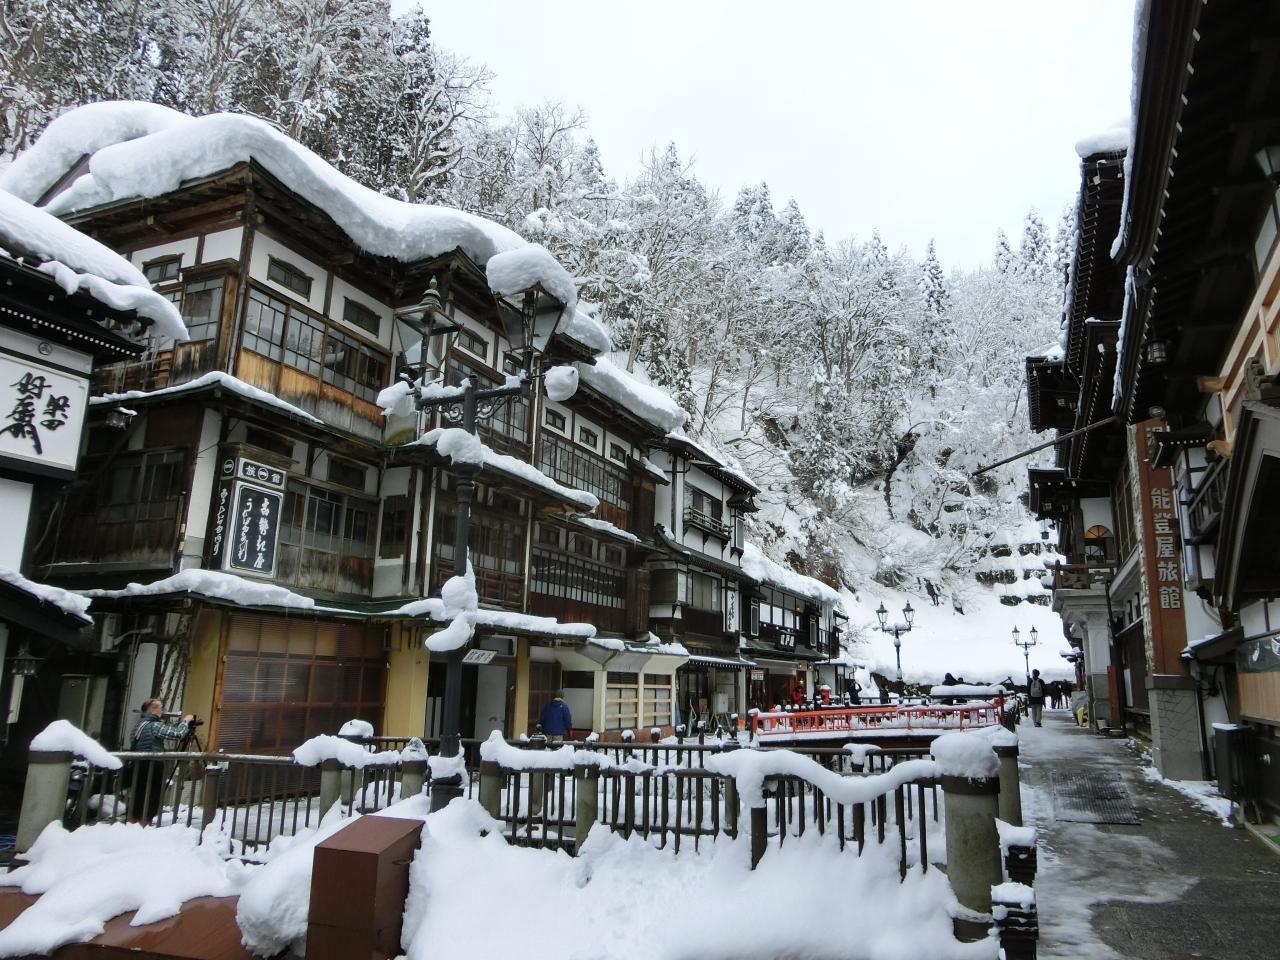 『2018冬 とれいゆつばさで行く、雪の銀山温泉と山寺の旅』銀山 ...